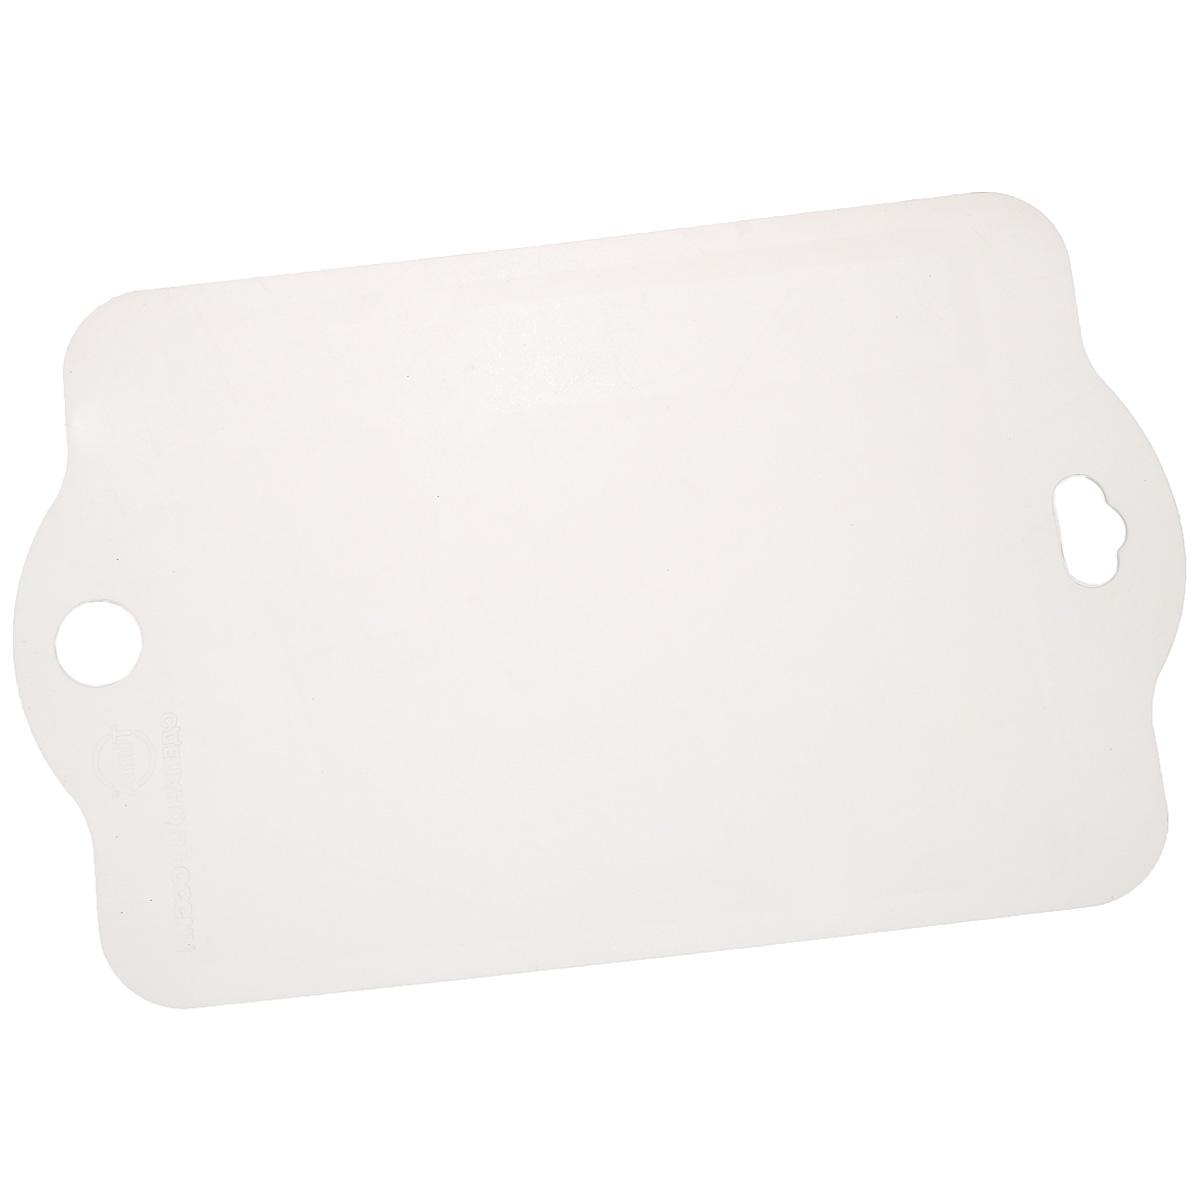 Доска разделочная TimA, 41 см х 26 смРД-4126Гибкая разделочная доска TimA, изготовленная из высококачественного пластика, займет достойное место среди аксессуаров на вашей кухне. Благодаря гибкости, с доски удобно высыпать нарезанные продукты. Она не тупит металлические и керамические ножи. Не впитывает влагу и легко моется. Обладает исключительной прочностью и износостойкостью.Доска TimA прекрасно подойдет для нарезки любых продуктов.